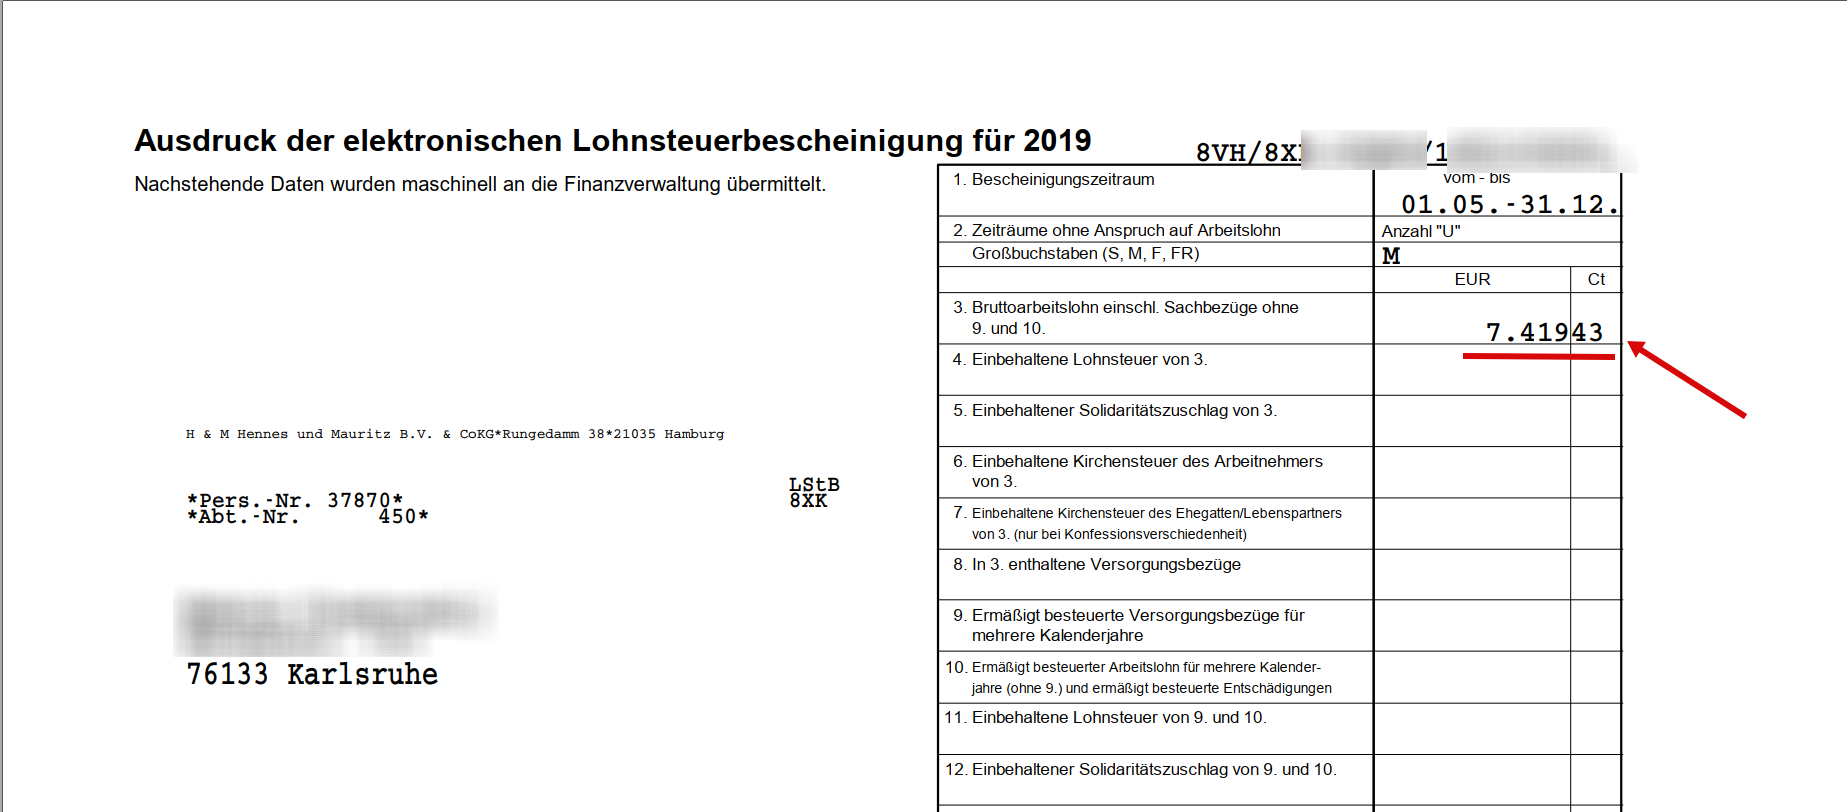 Итоги Полугода Работы В Германии Для Студента.: Taxfree